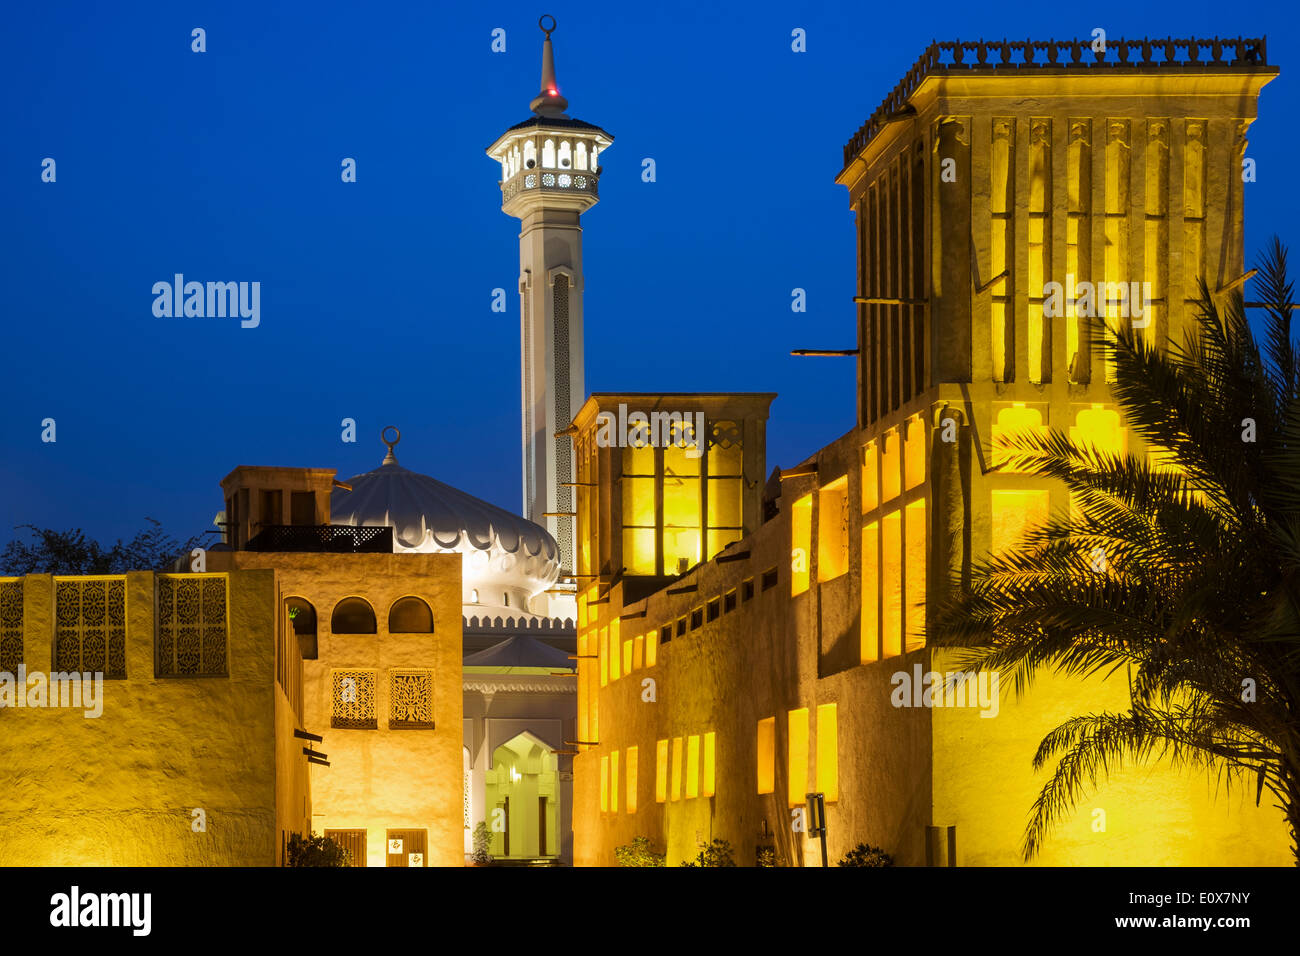 historic Bastakiya quarter at night in Dubai United Arab Emirates - Stock Image